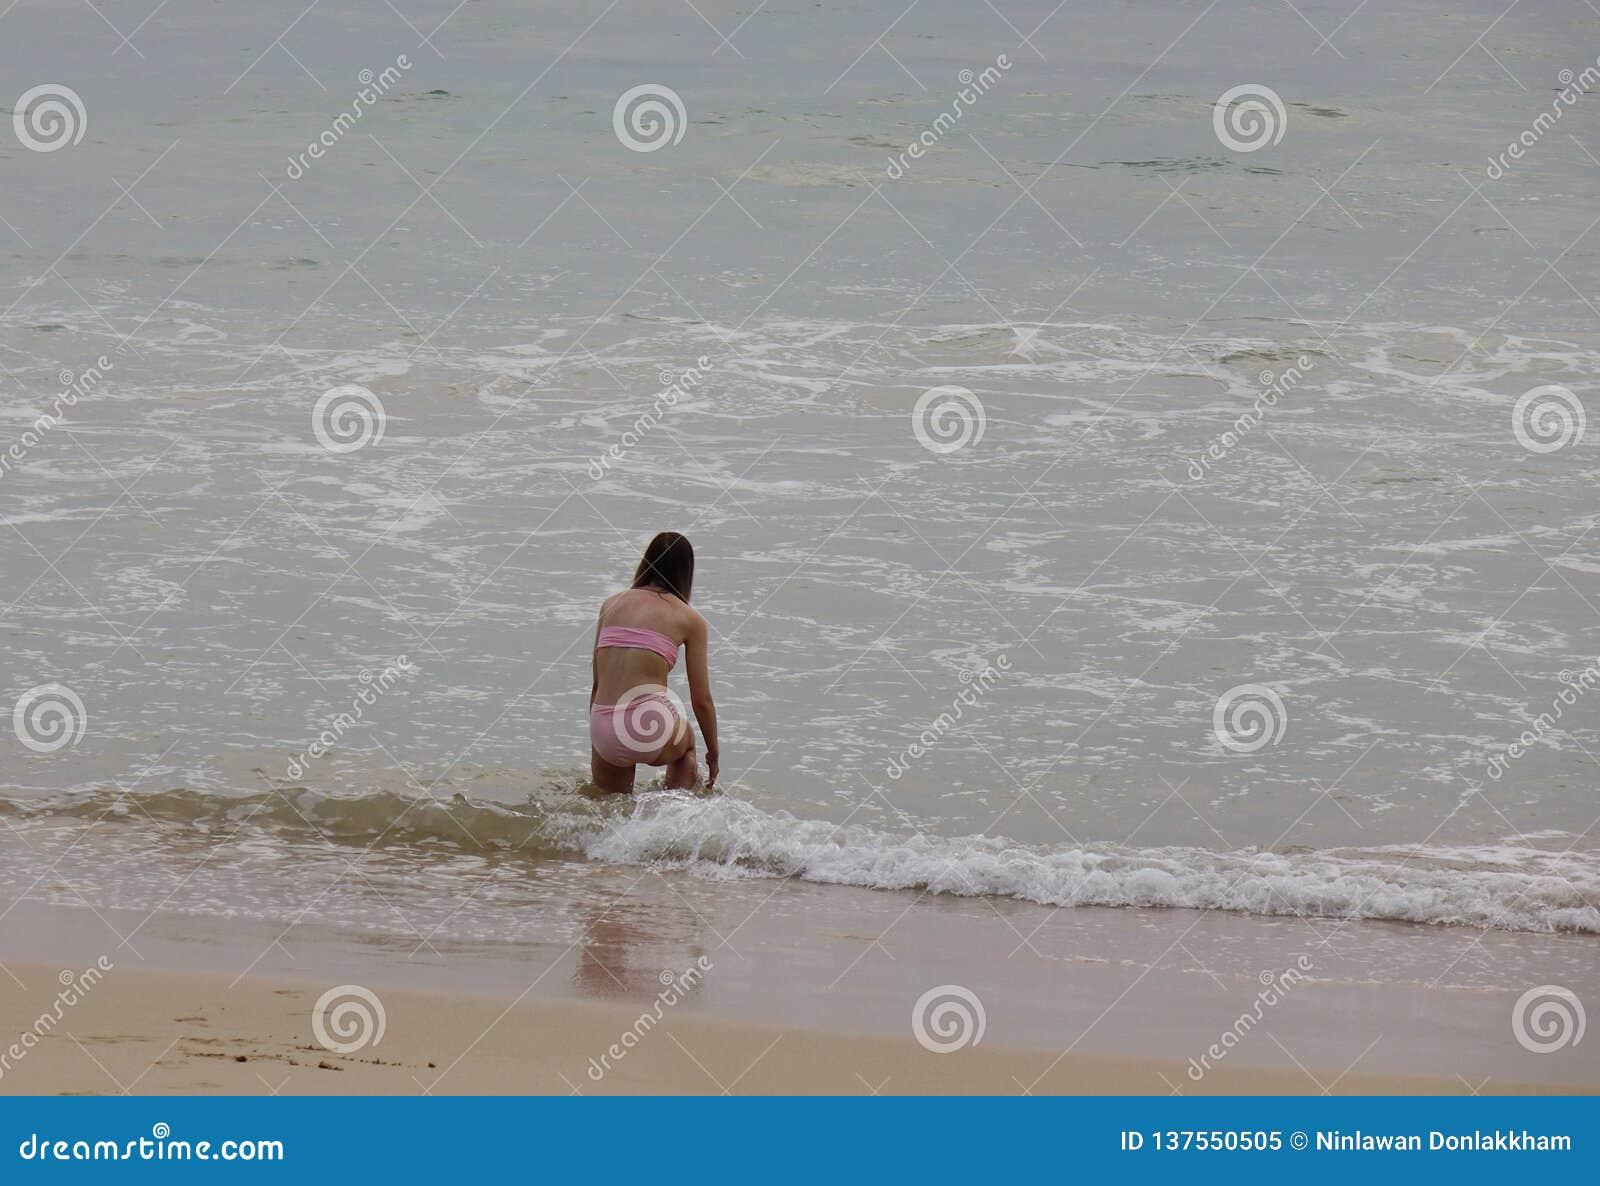 Spiaggia e mare nel giorno piovoso